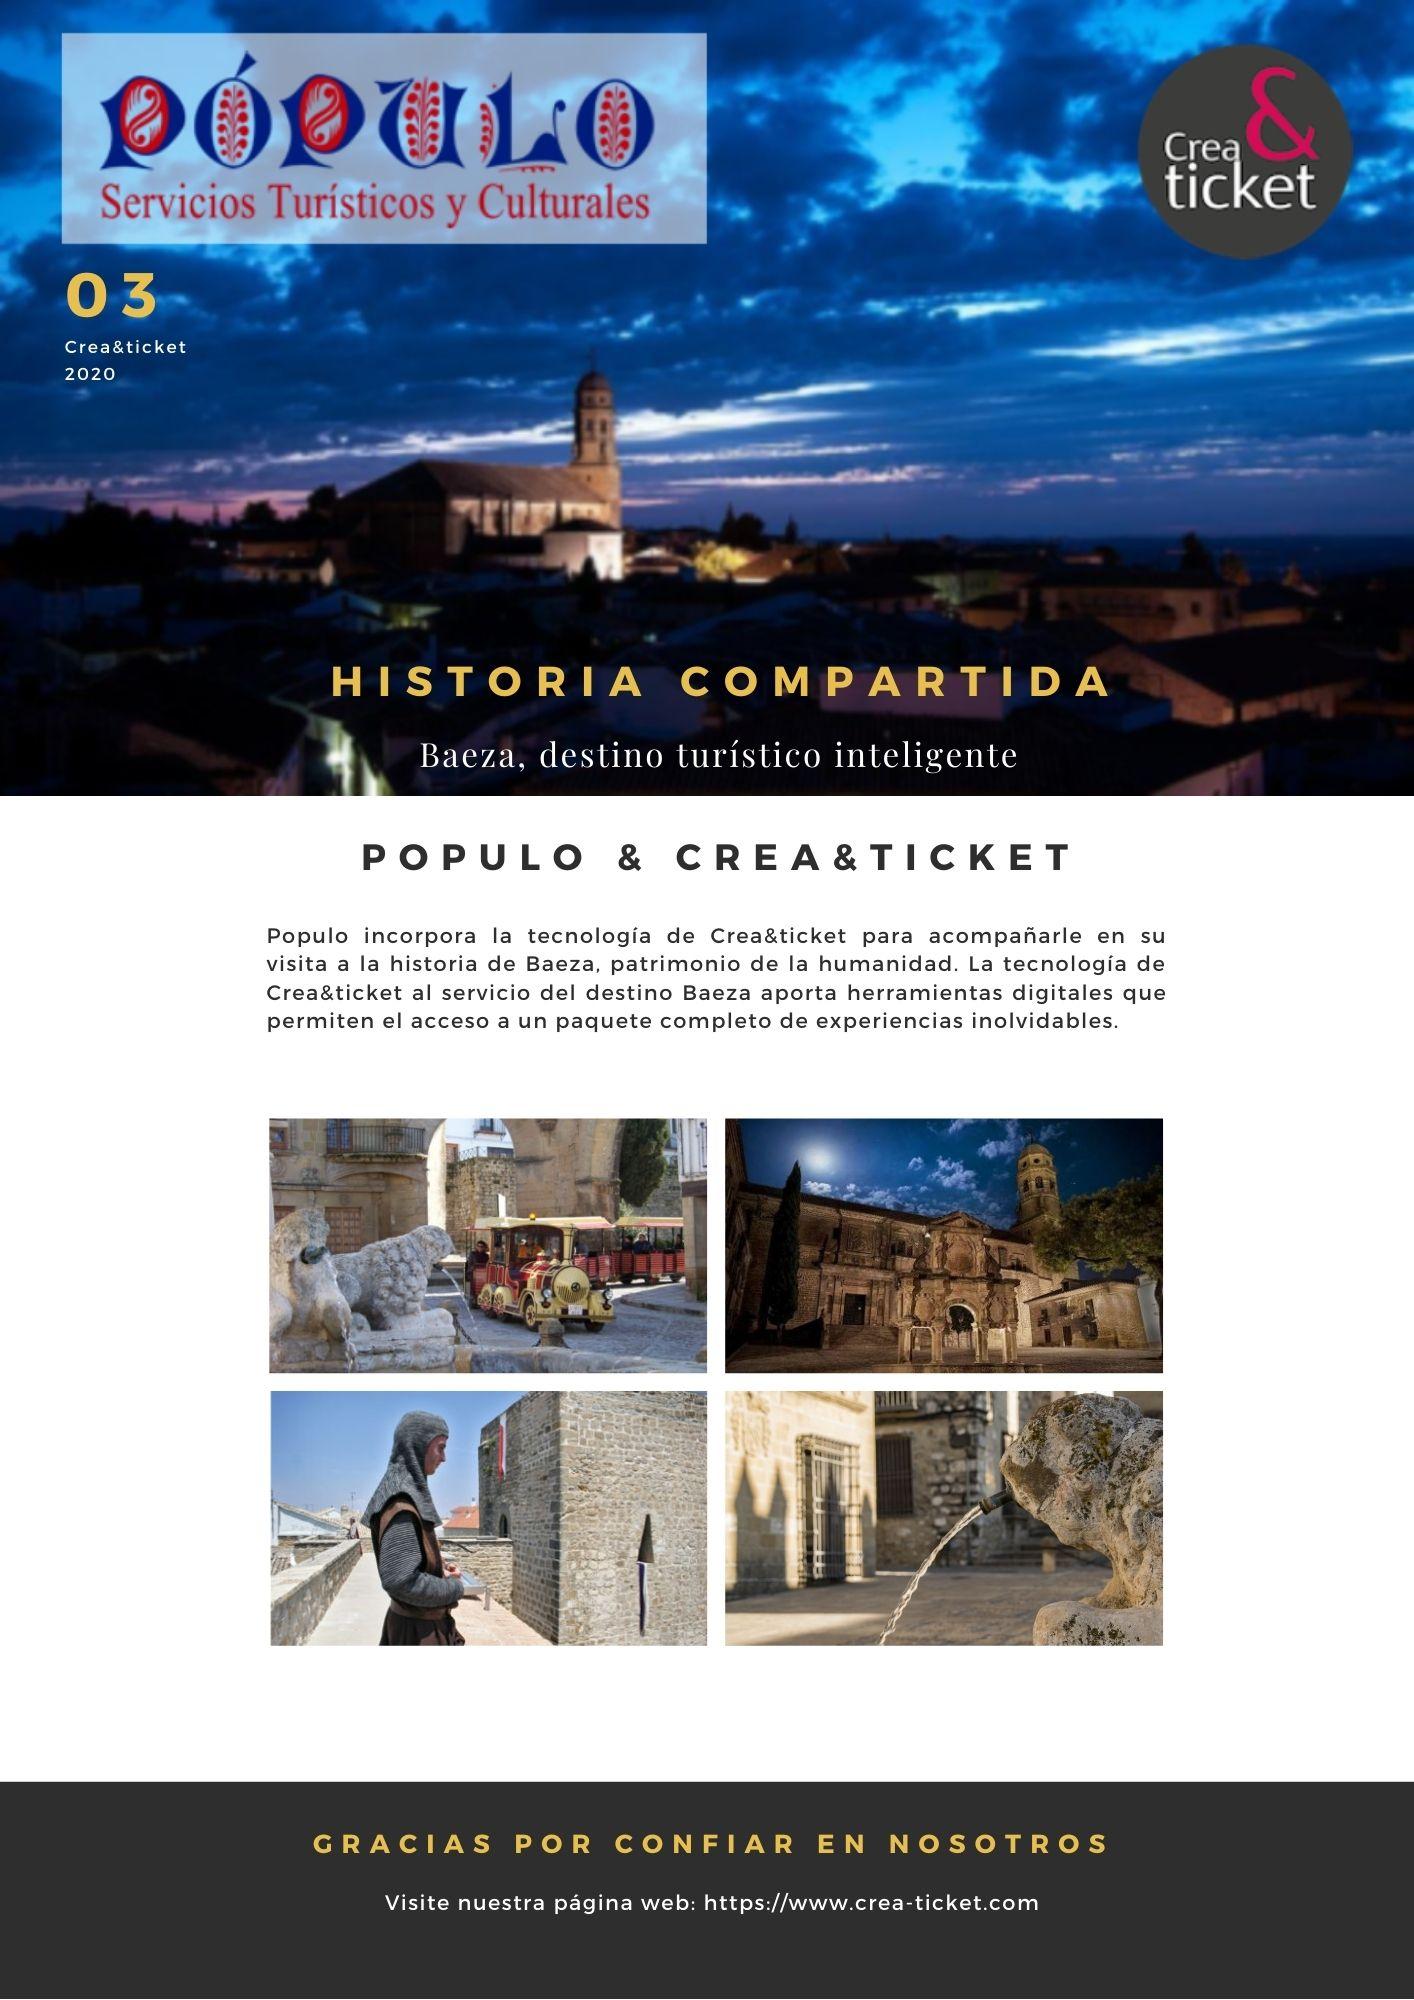 Baeza, patrimonio de la humanidad  y destino turístico inteligente.